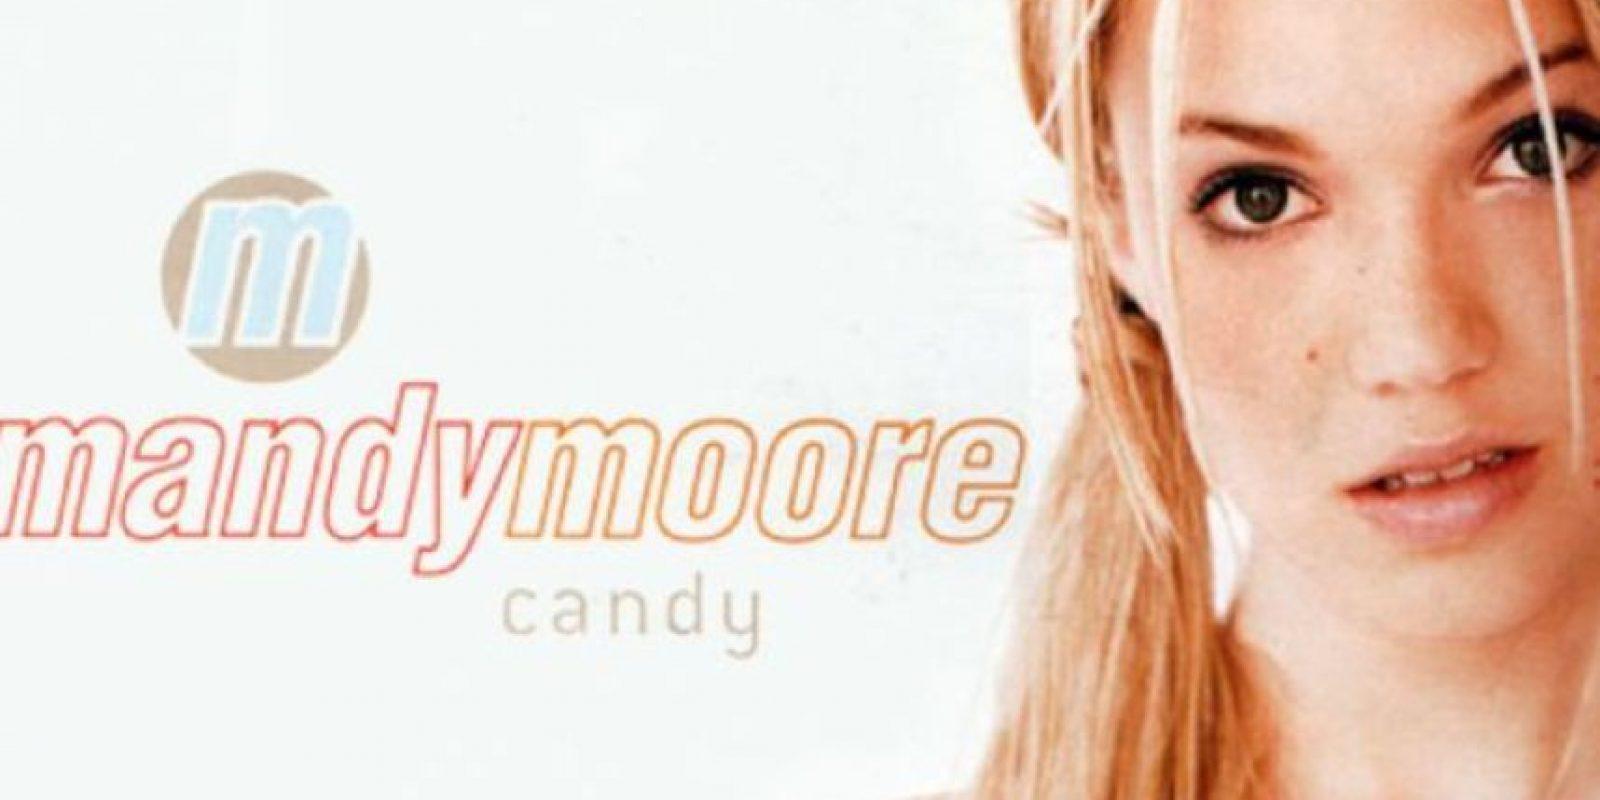 Era finales de la década de los 90 y entre Britney Spears, Jessica Simpson y Christina Aguilera había otra contendora por la popularidad. Foto:vía Coveralia